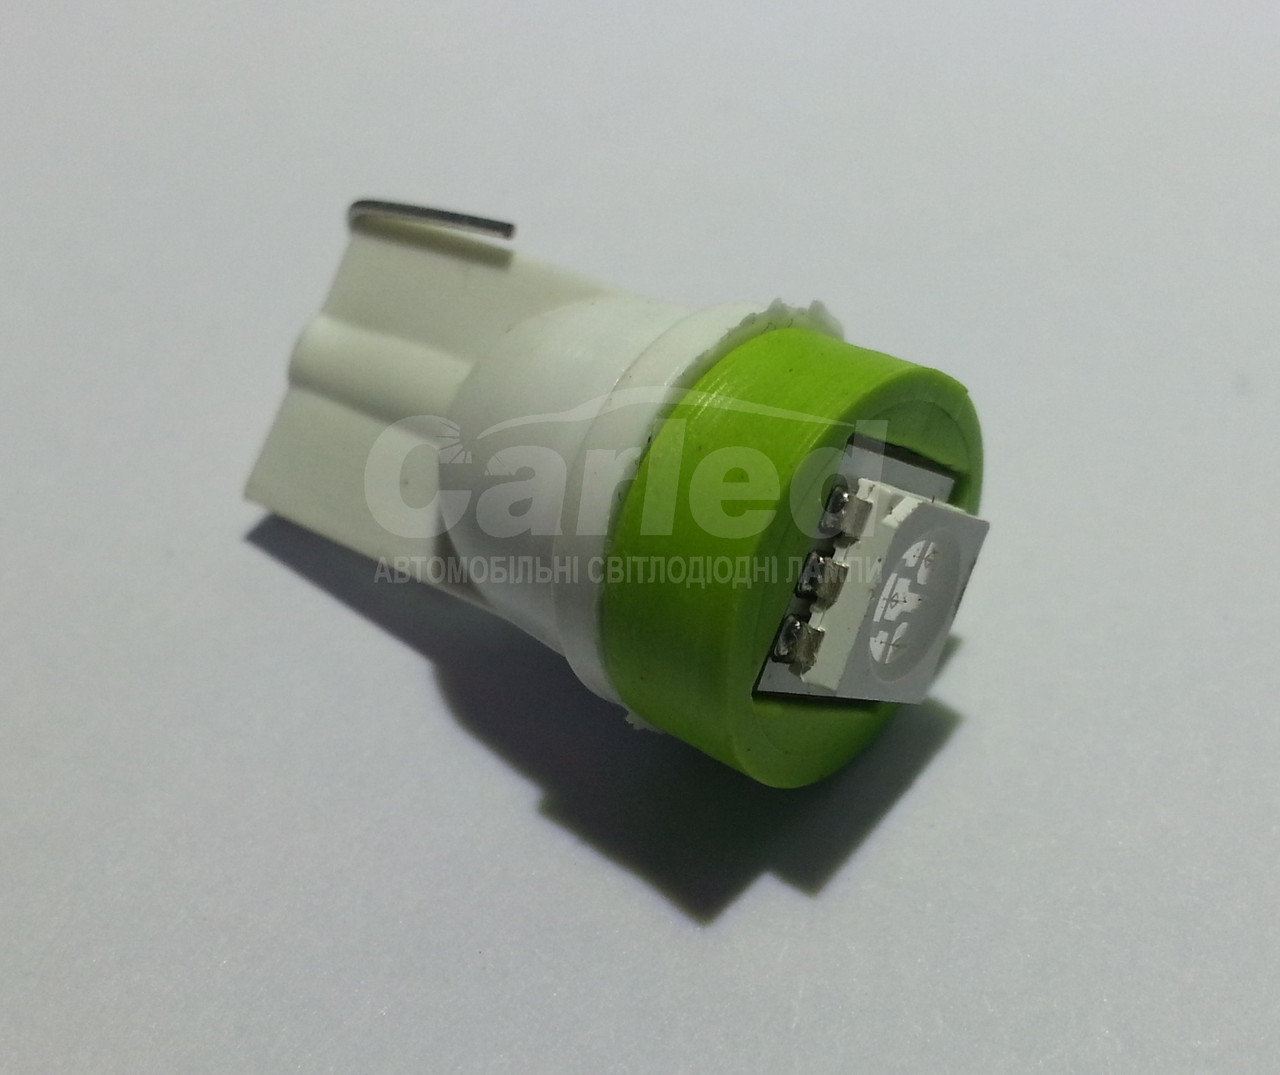 Світлодіодна автолампа Т10, GREEN 1pcs 5050 (Foton)